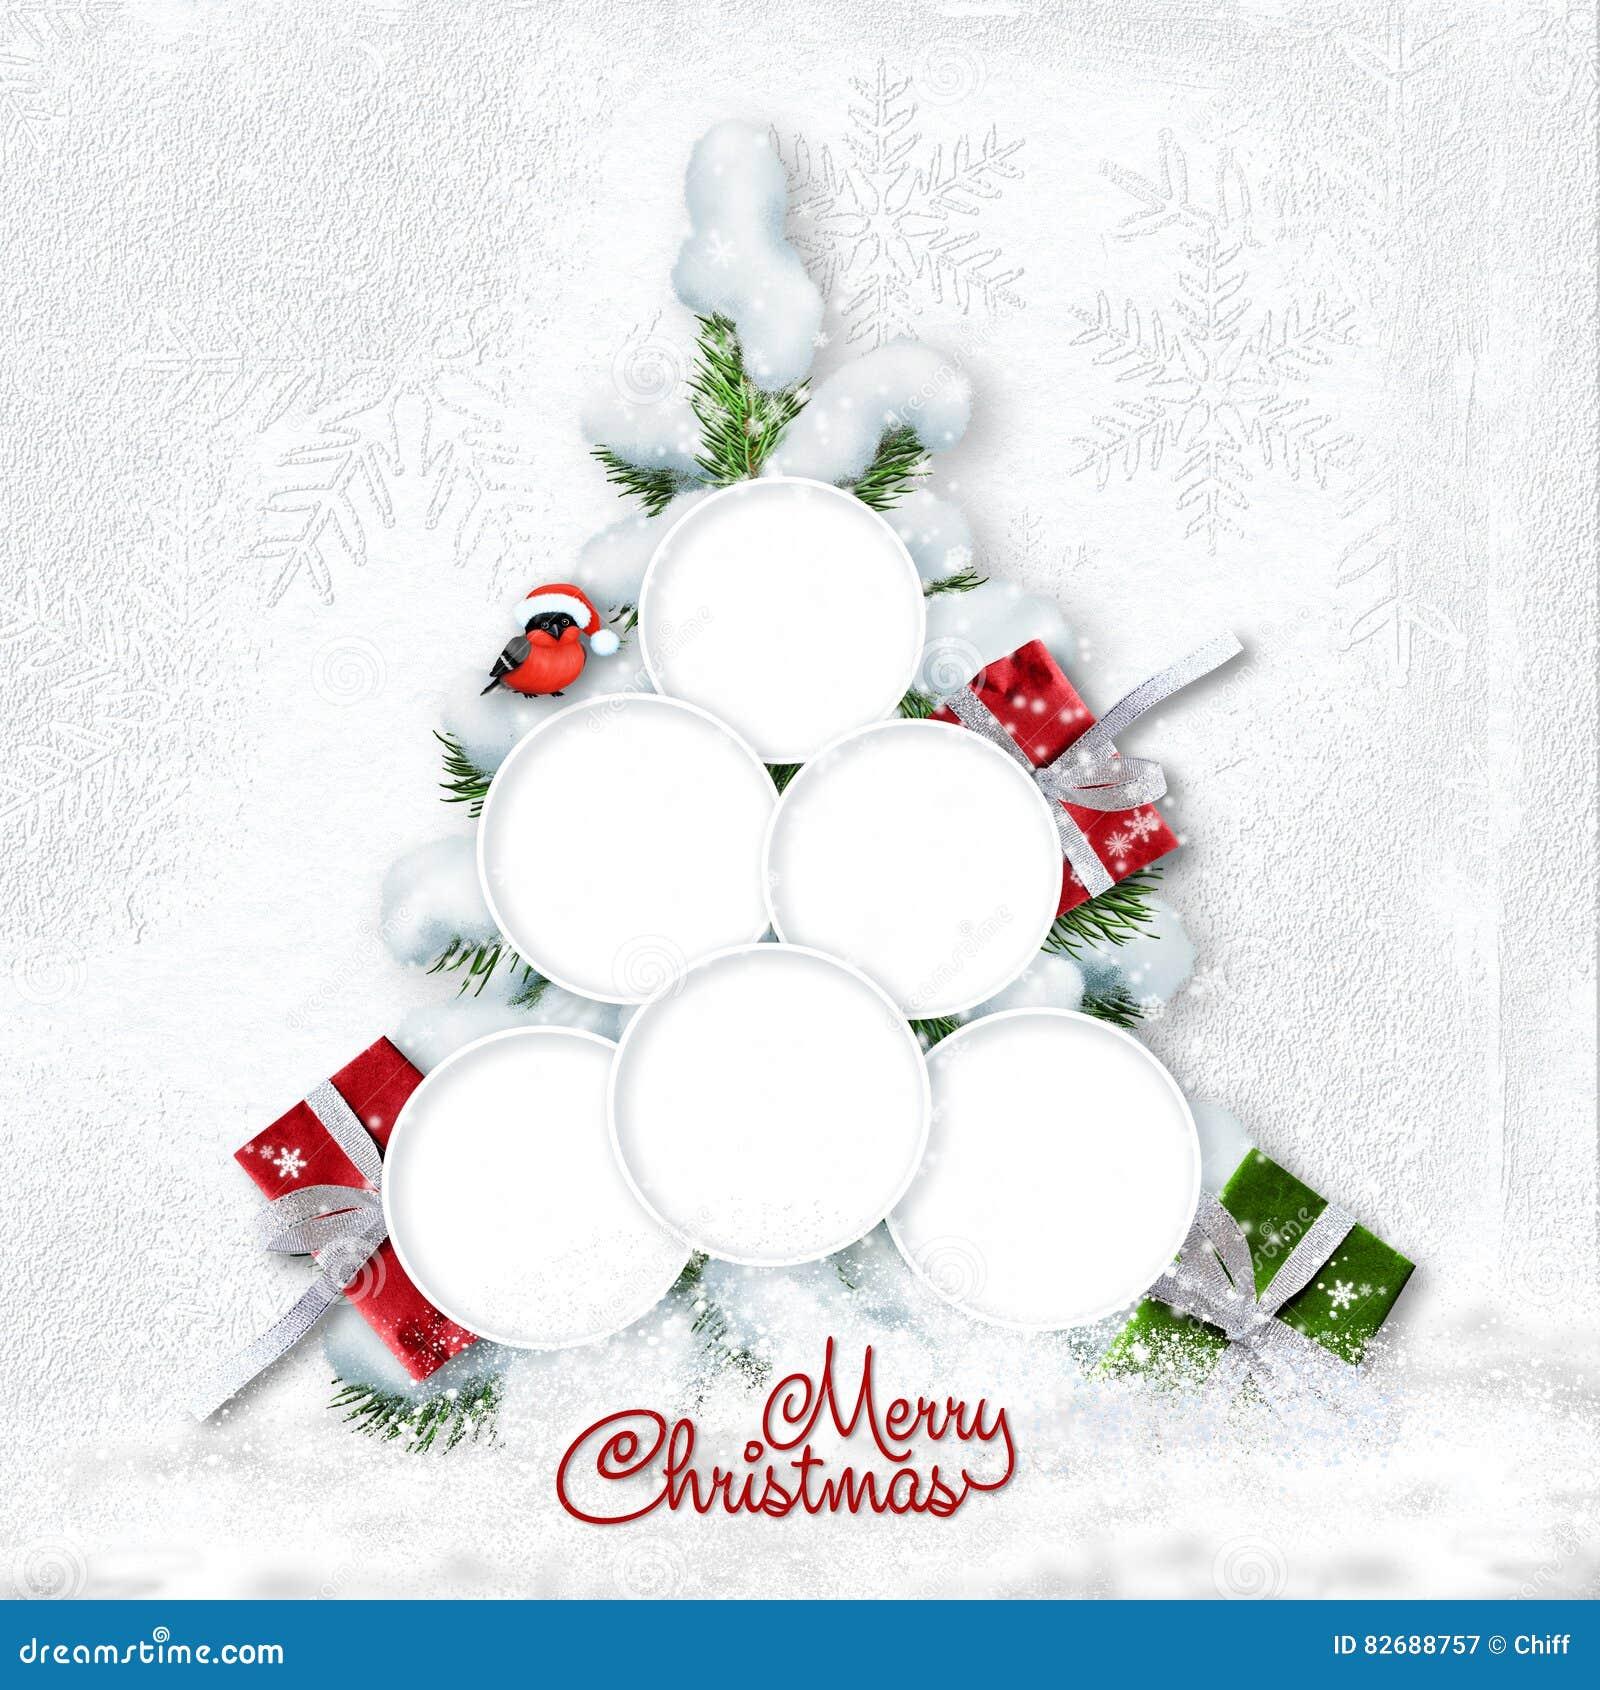 Gruß-Weihnachtskarte Mit Schneebedecktem Baum Und Rahmen Für Familie ...